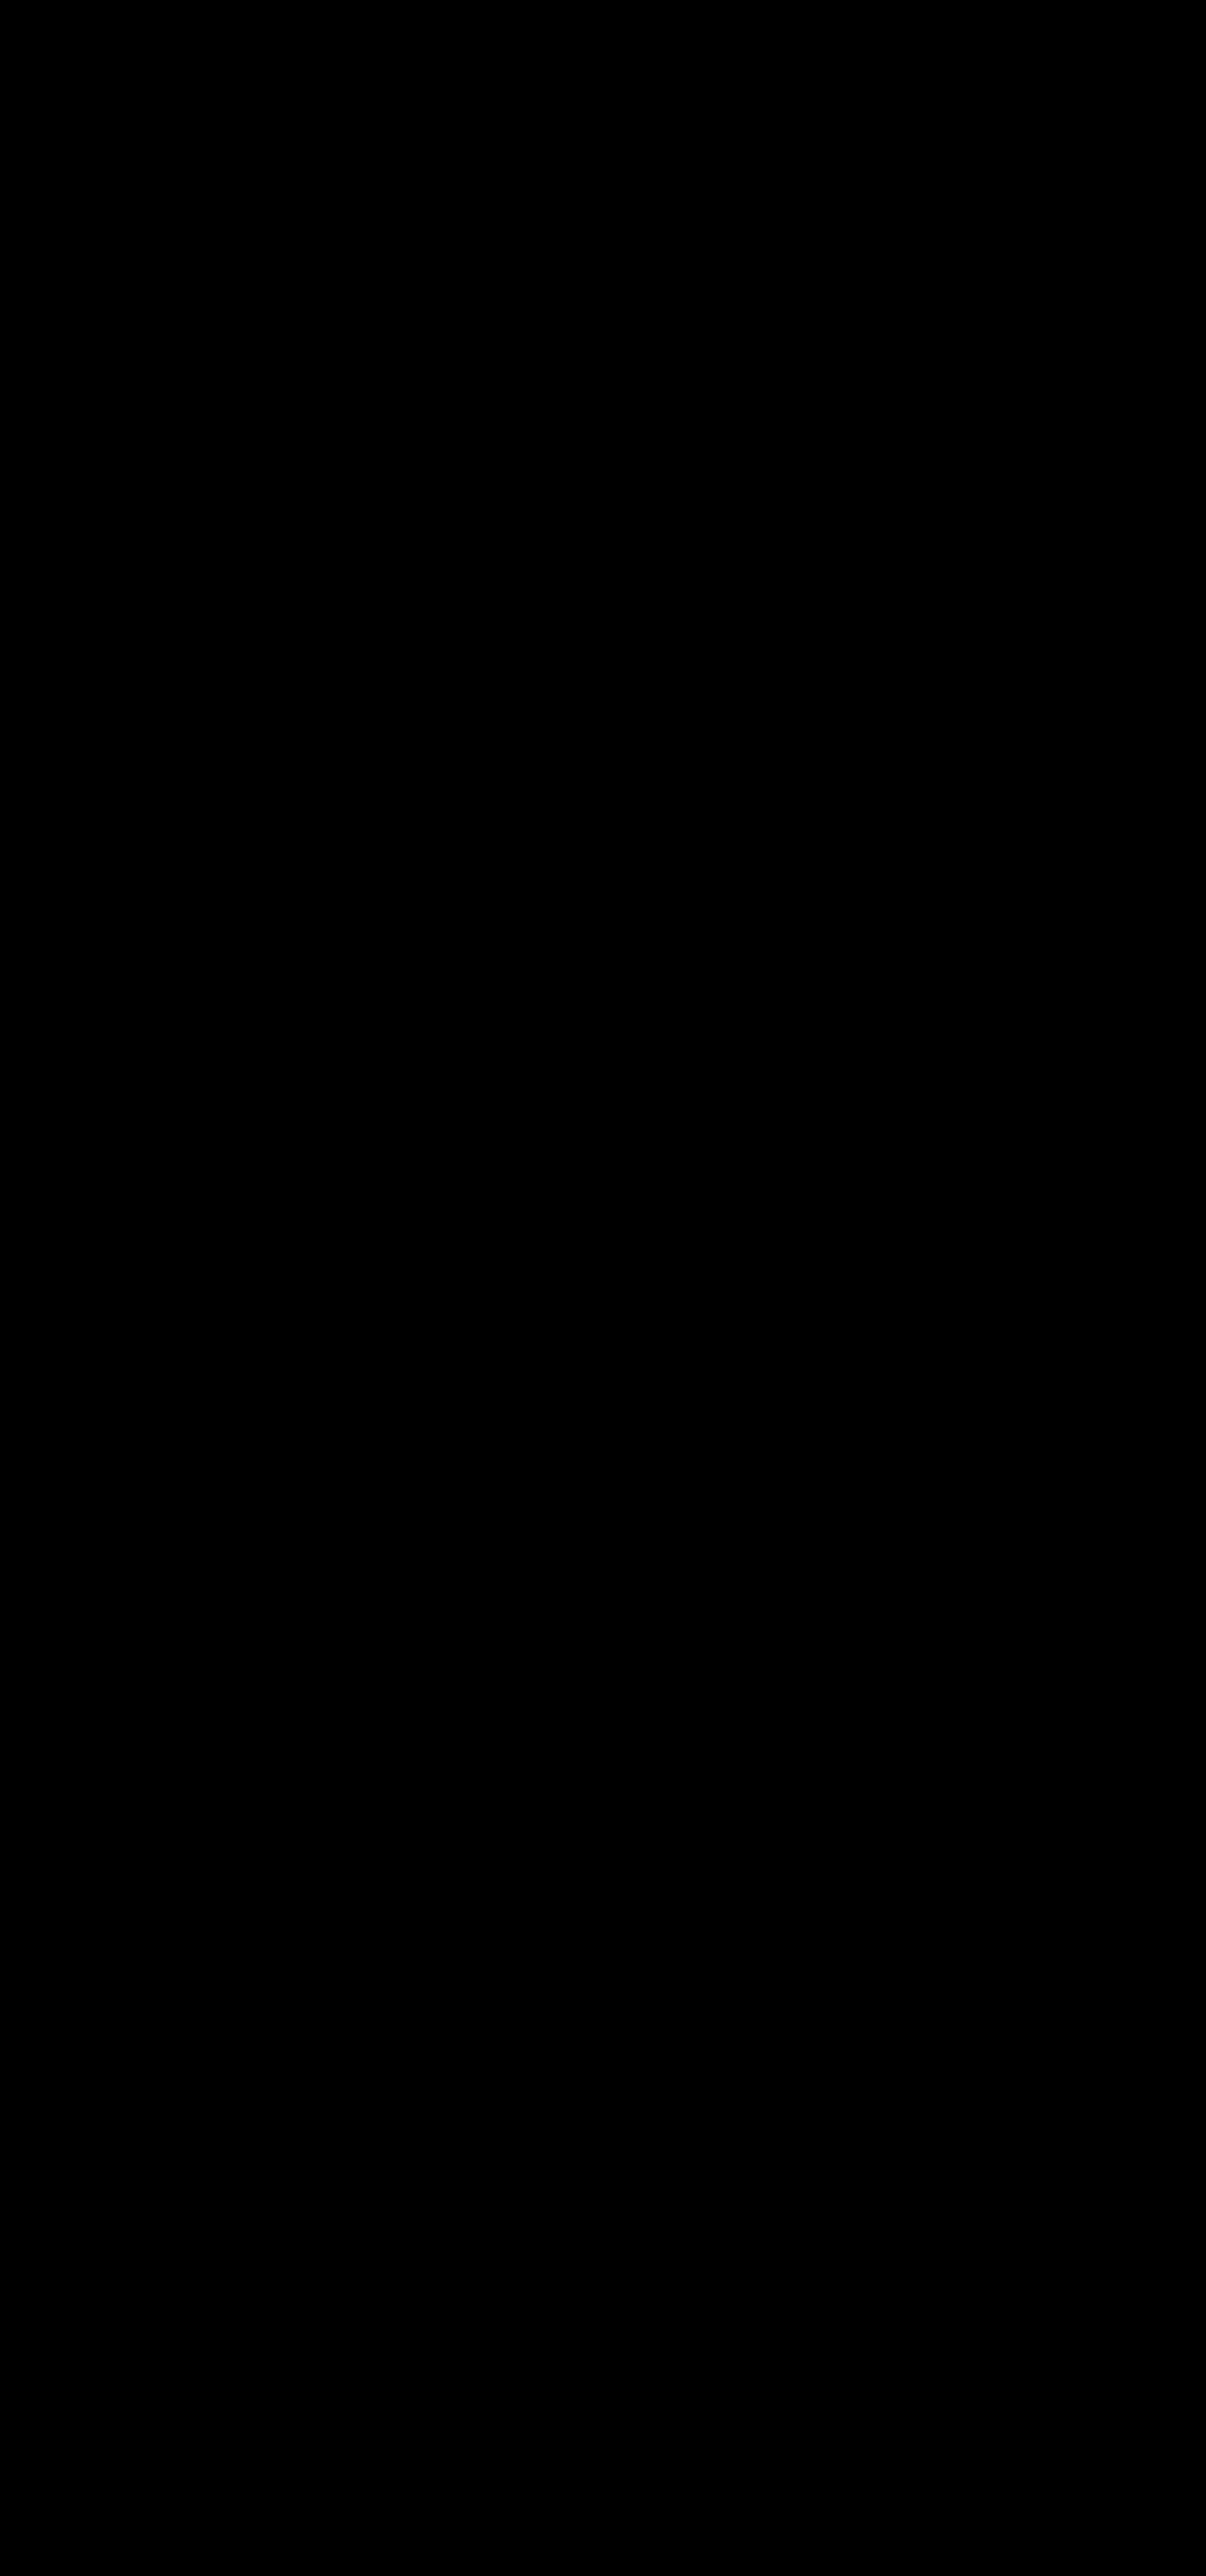 bts logo - BTS Logo